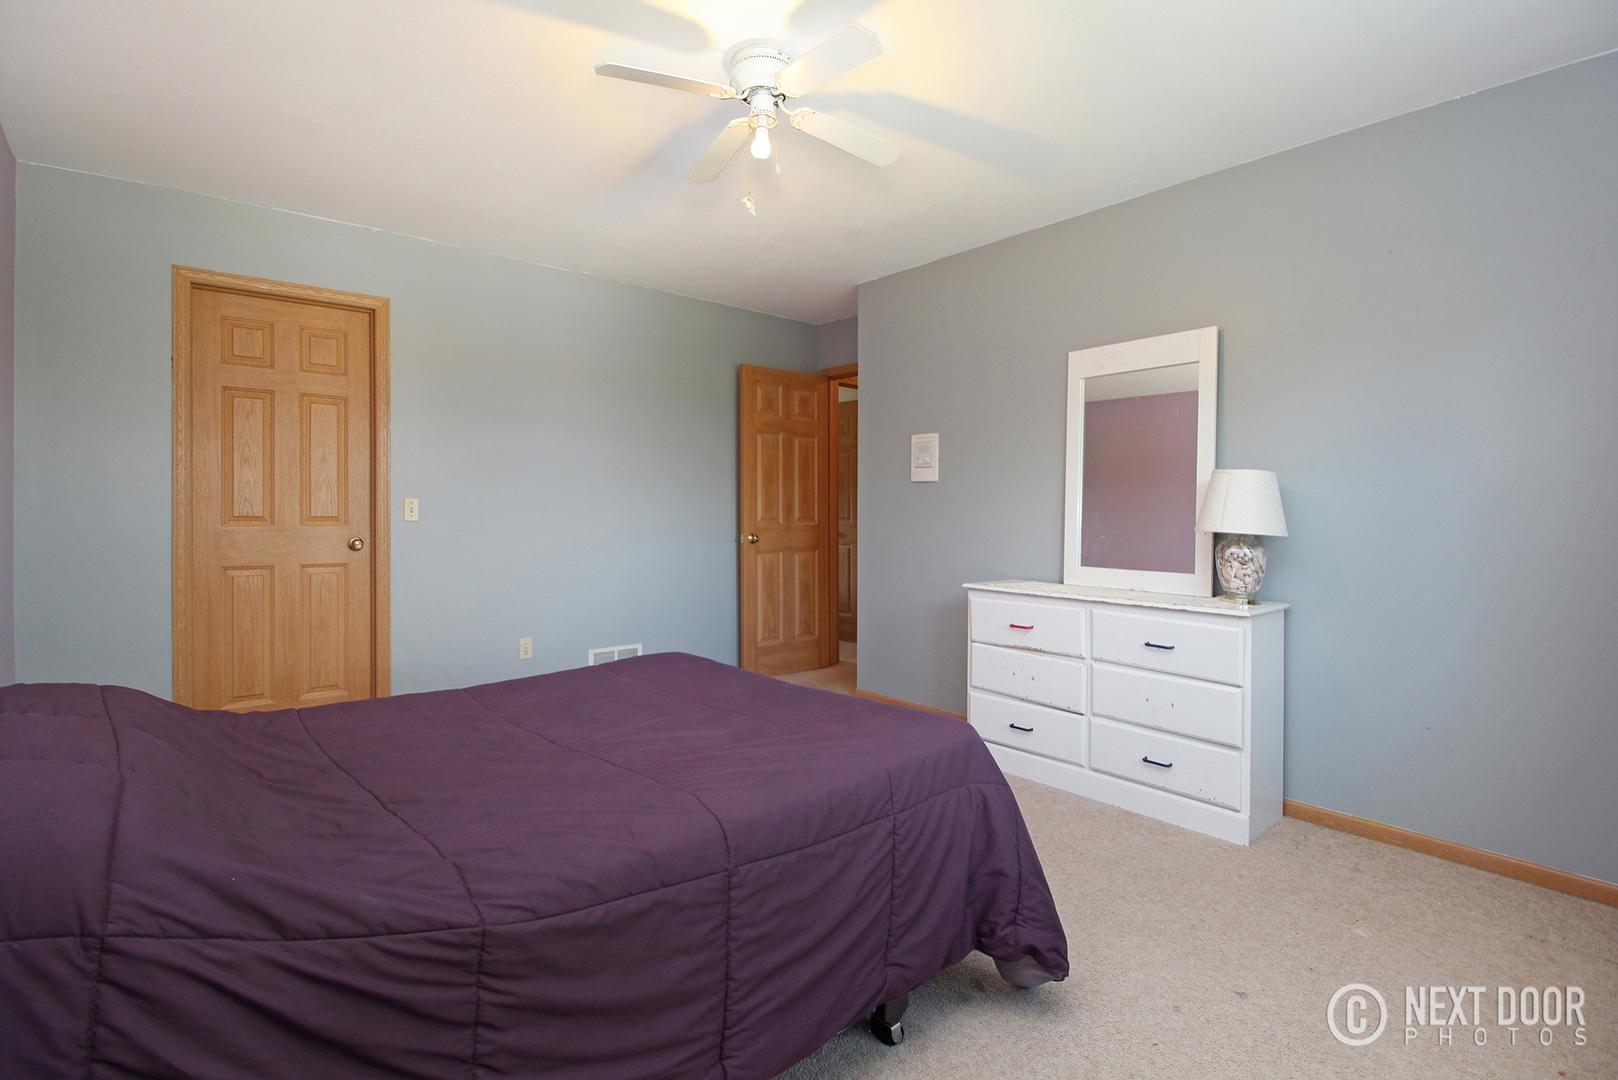 26165 West Leslie, Channahon, Illinois, 60410